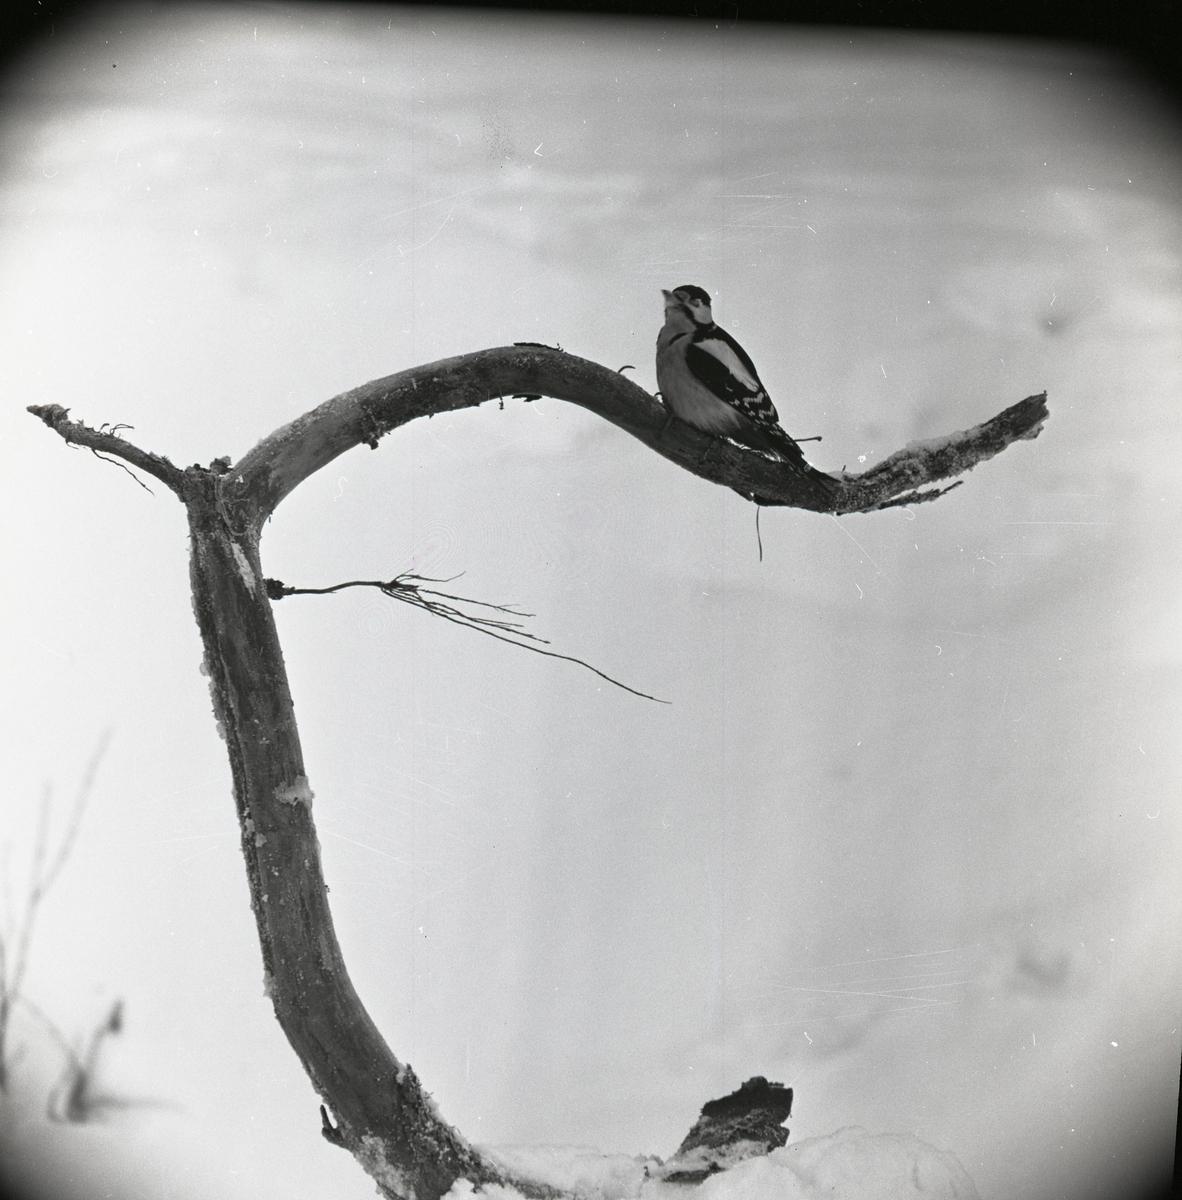 En större hackspett sitter på en böjd trädgren 1962.